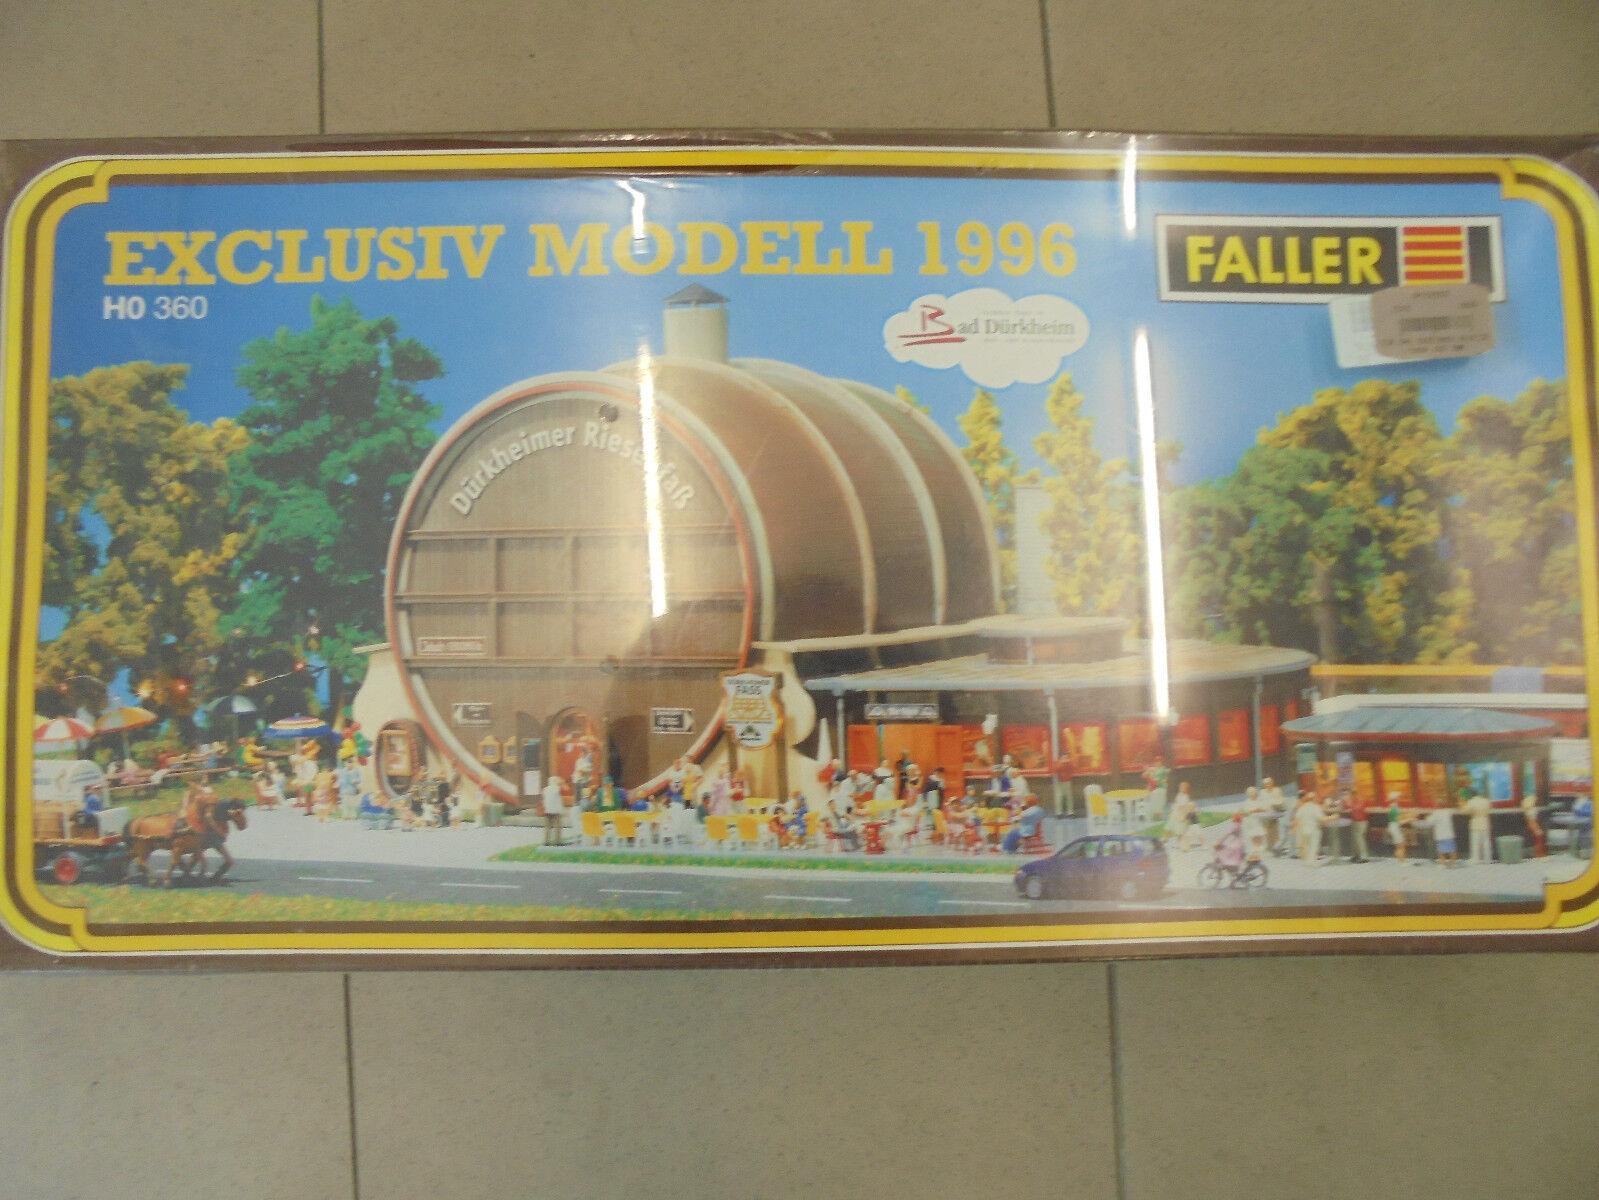 Ftuttier 360 exclusivmodellolol 1996  Dürkheimer Dürkheimer Dürkheimer riesenfaß  h0 kit di plastica fc3f0b